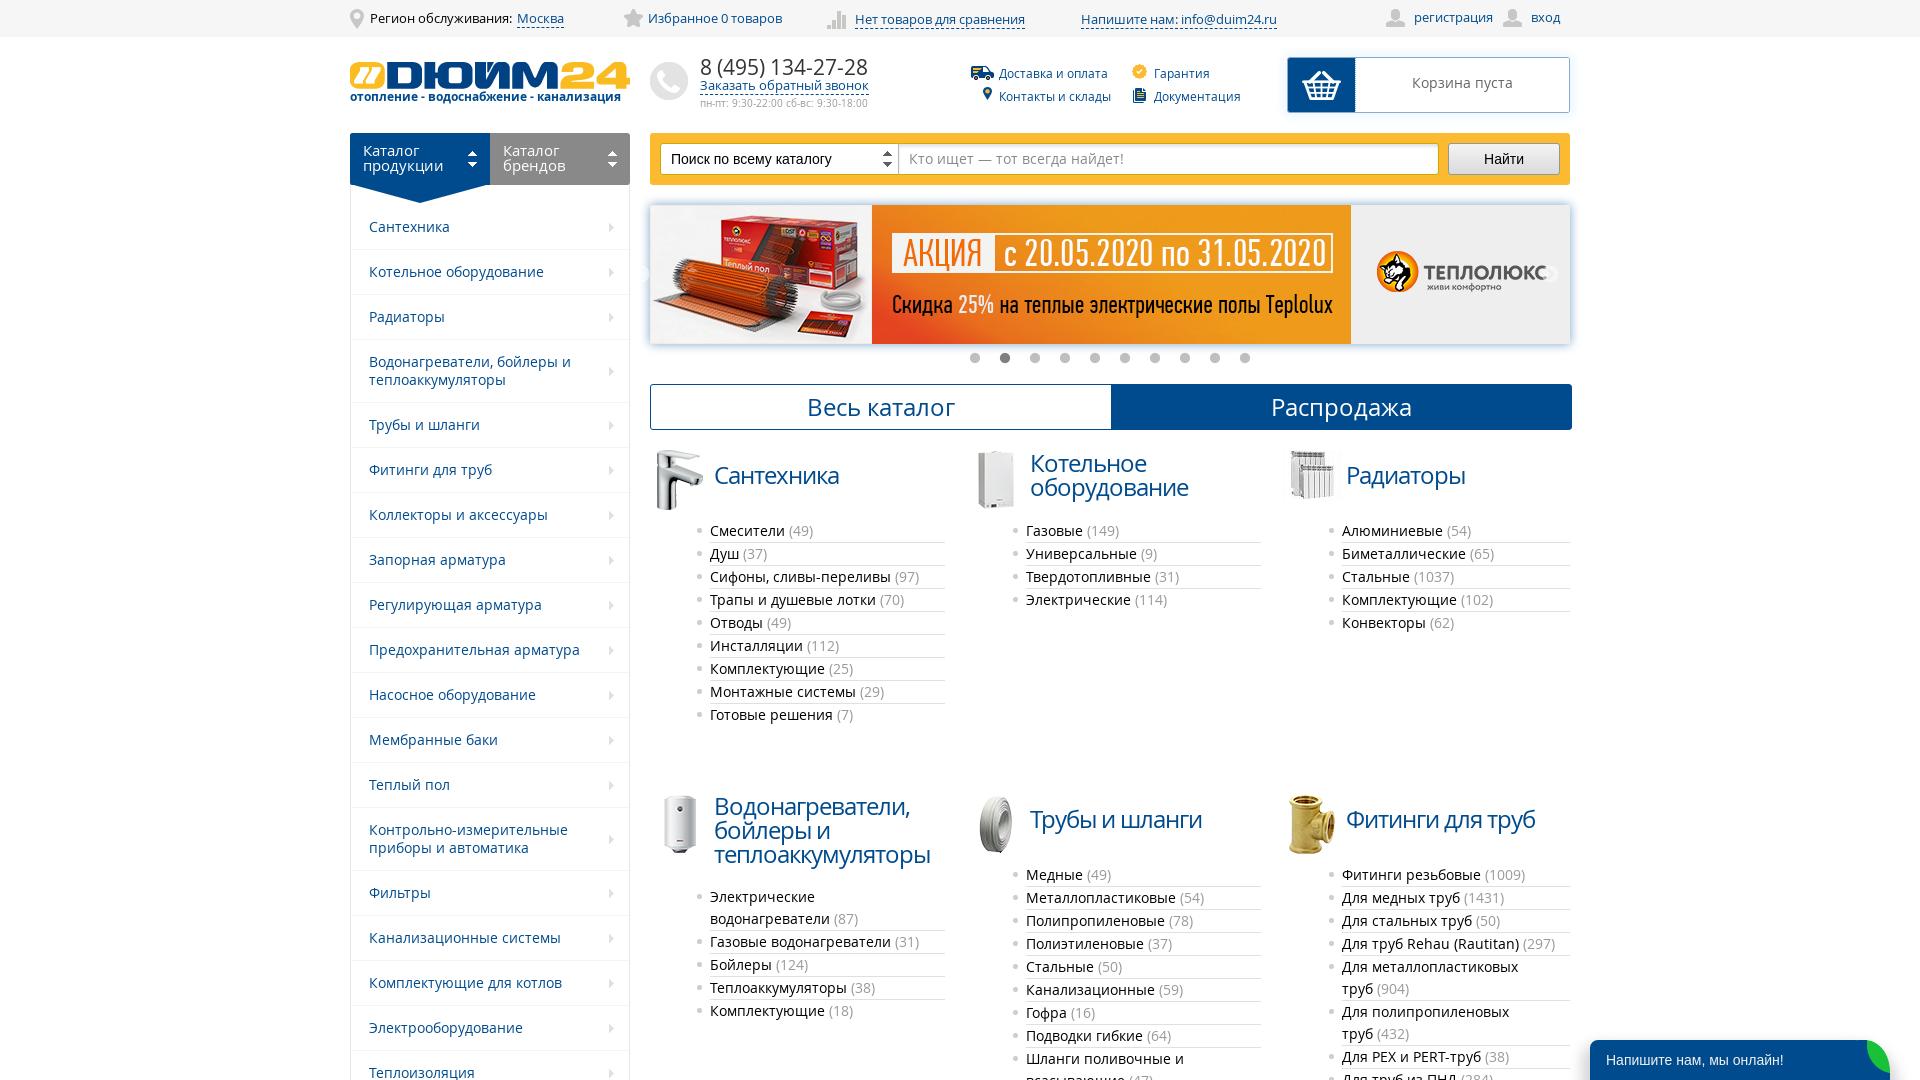 Duim24 website